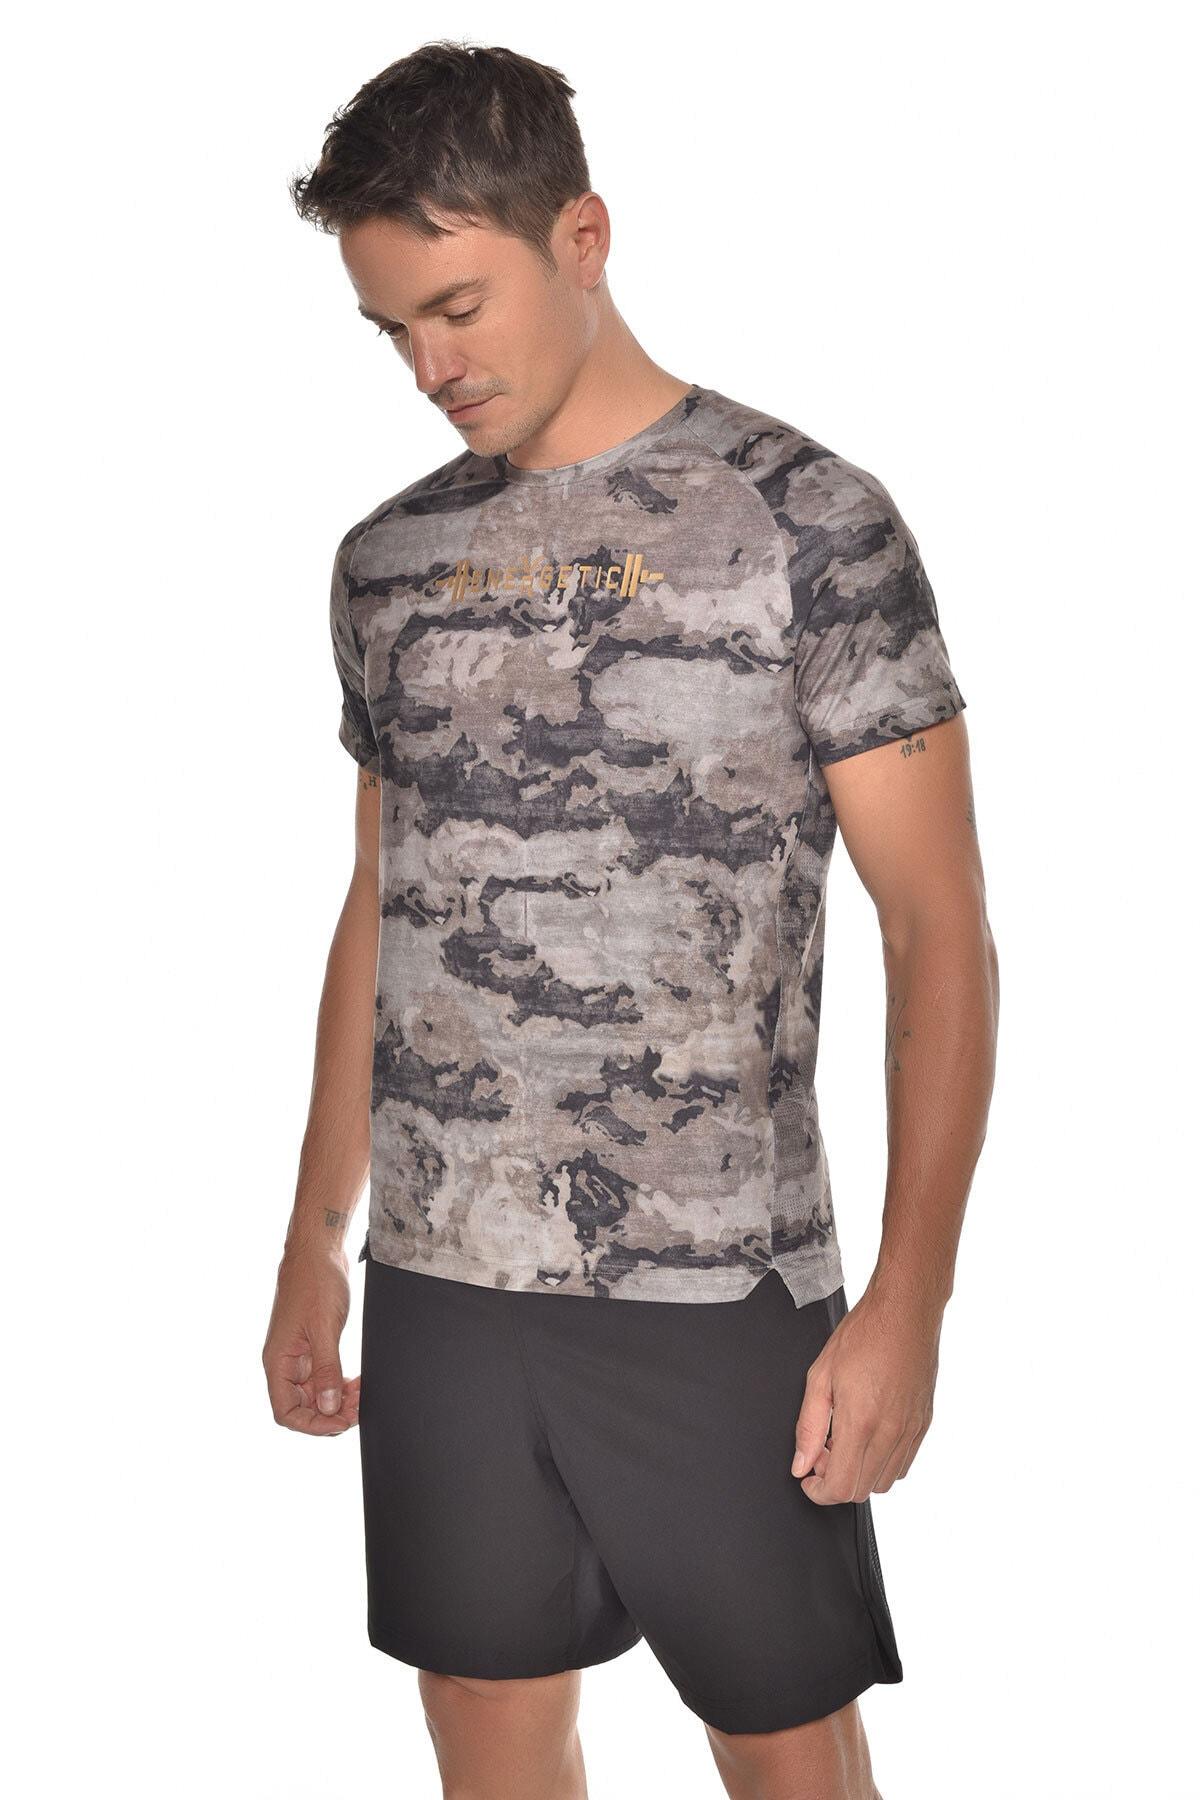 bilcee Kamuflaj Erkek Kısa Kol T-shirt Gw-9231 2